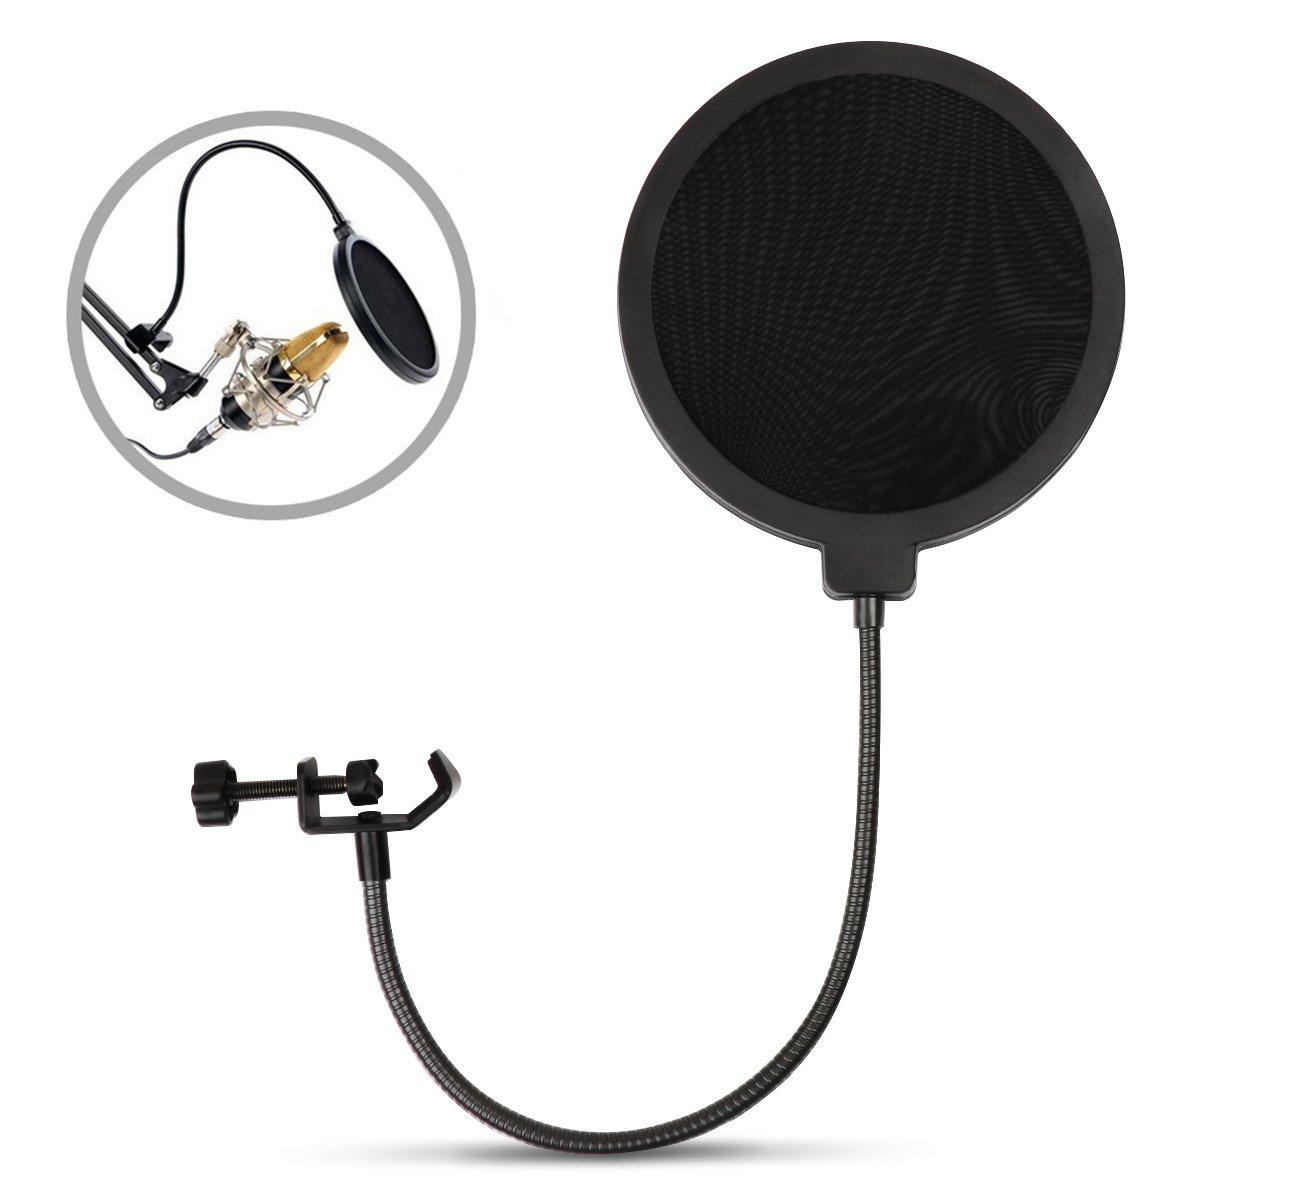 ilauke Microphone Filtre Anti-vent et Anti-pop pour Microphone Avec Support Pivotant 360 ° Rotation Flexible ilauke-Anti-pop